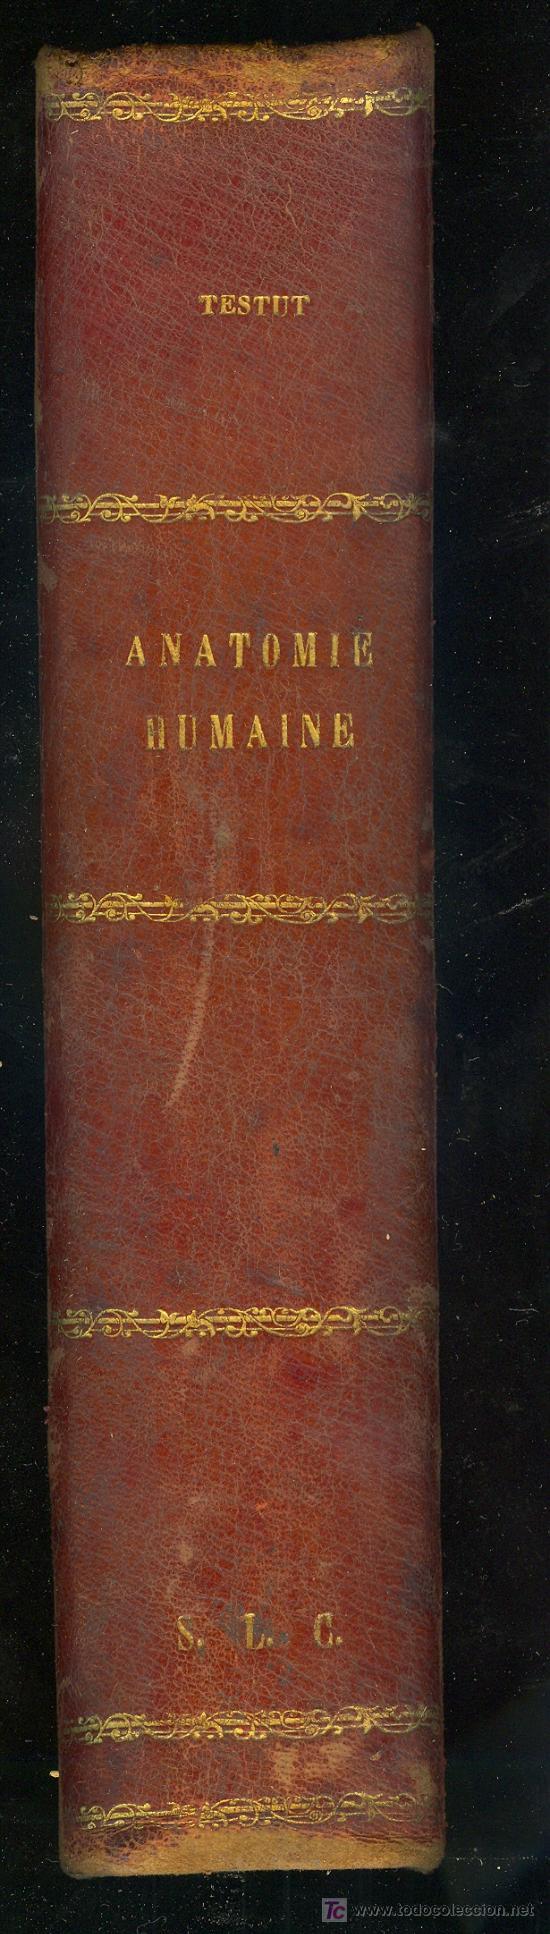 Libros antiguos: MEDICINA. TRAITE DANATOMIE HUMAINE PAR L. TESTUT. 3ª ED. PARIS OCTAVE DOIN EDITEUR 1895 TOME 3 - Foto 2 - 12850941